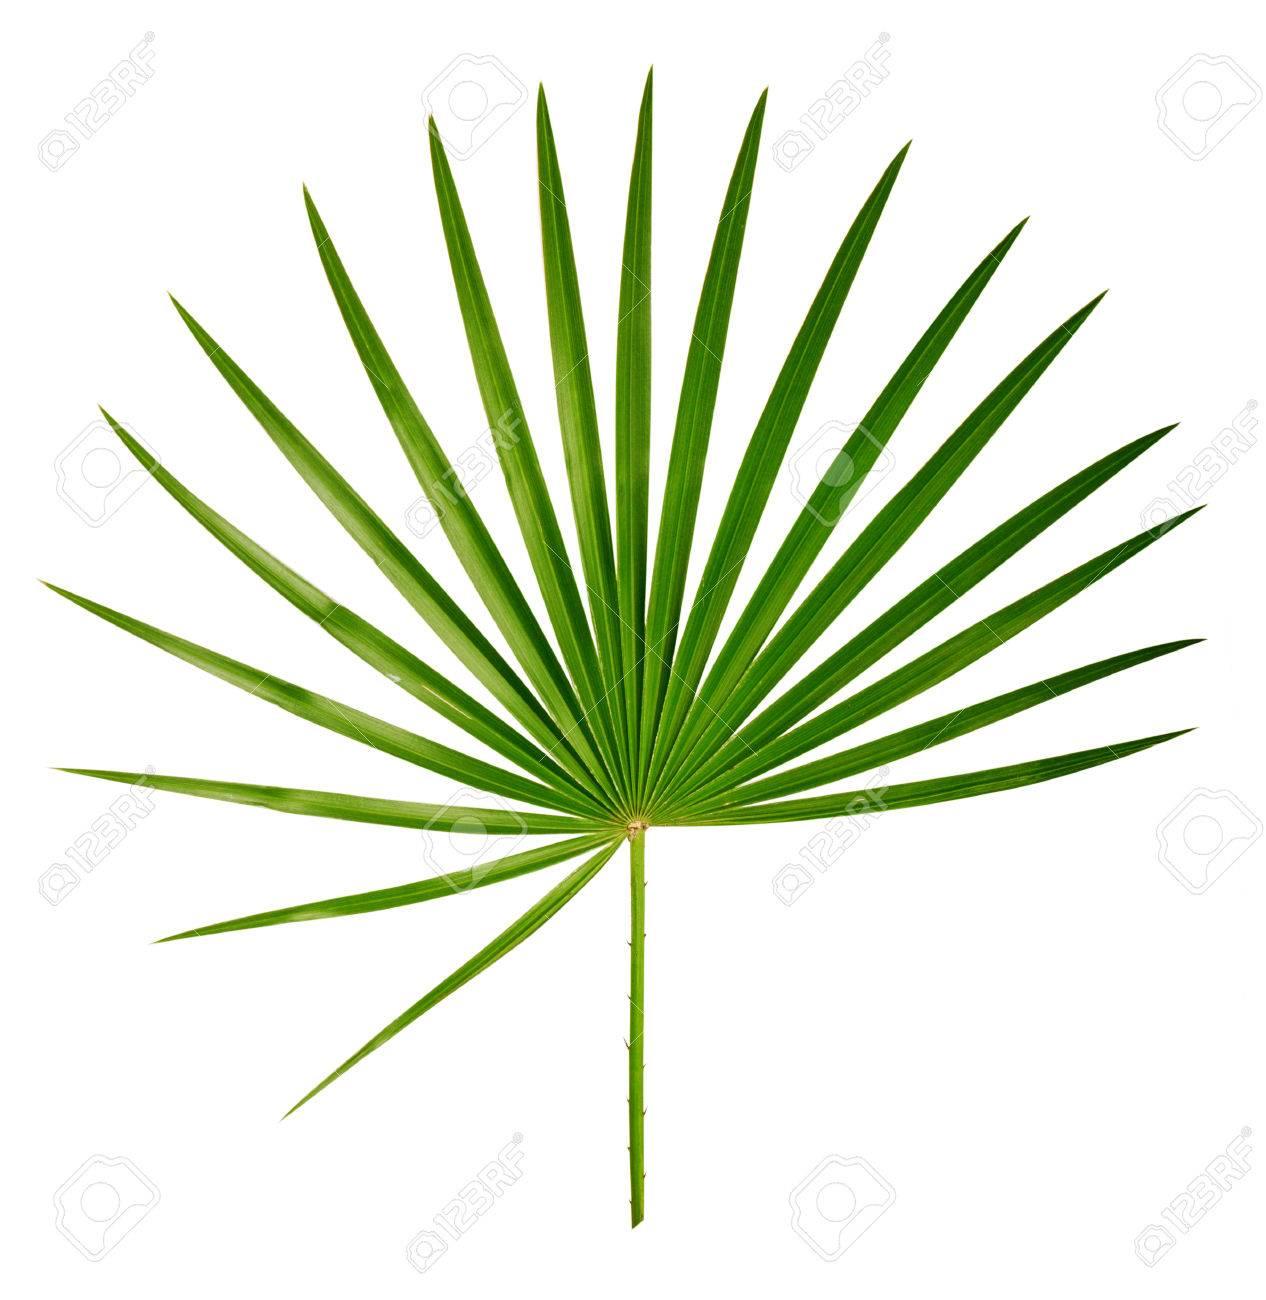 Palm leaf - 62156109